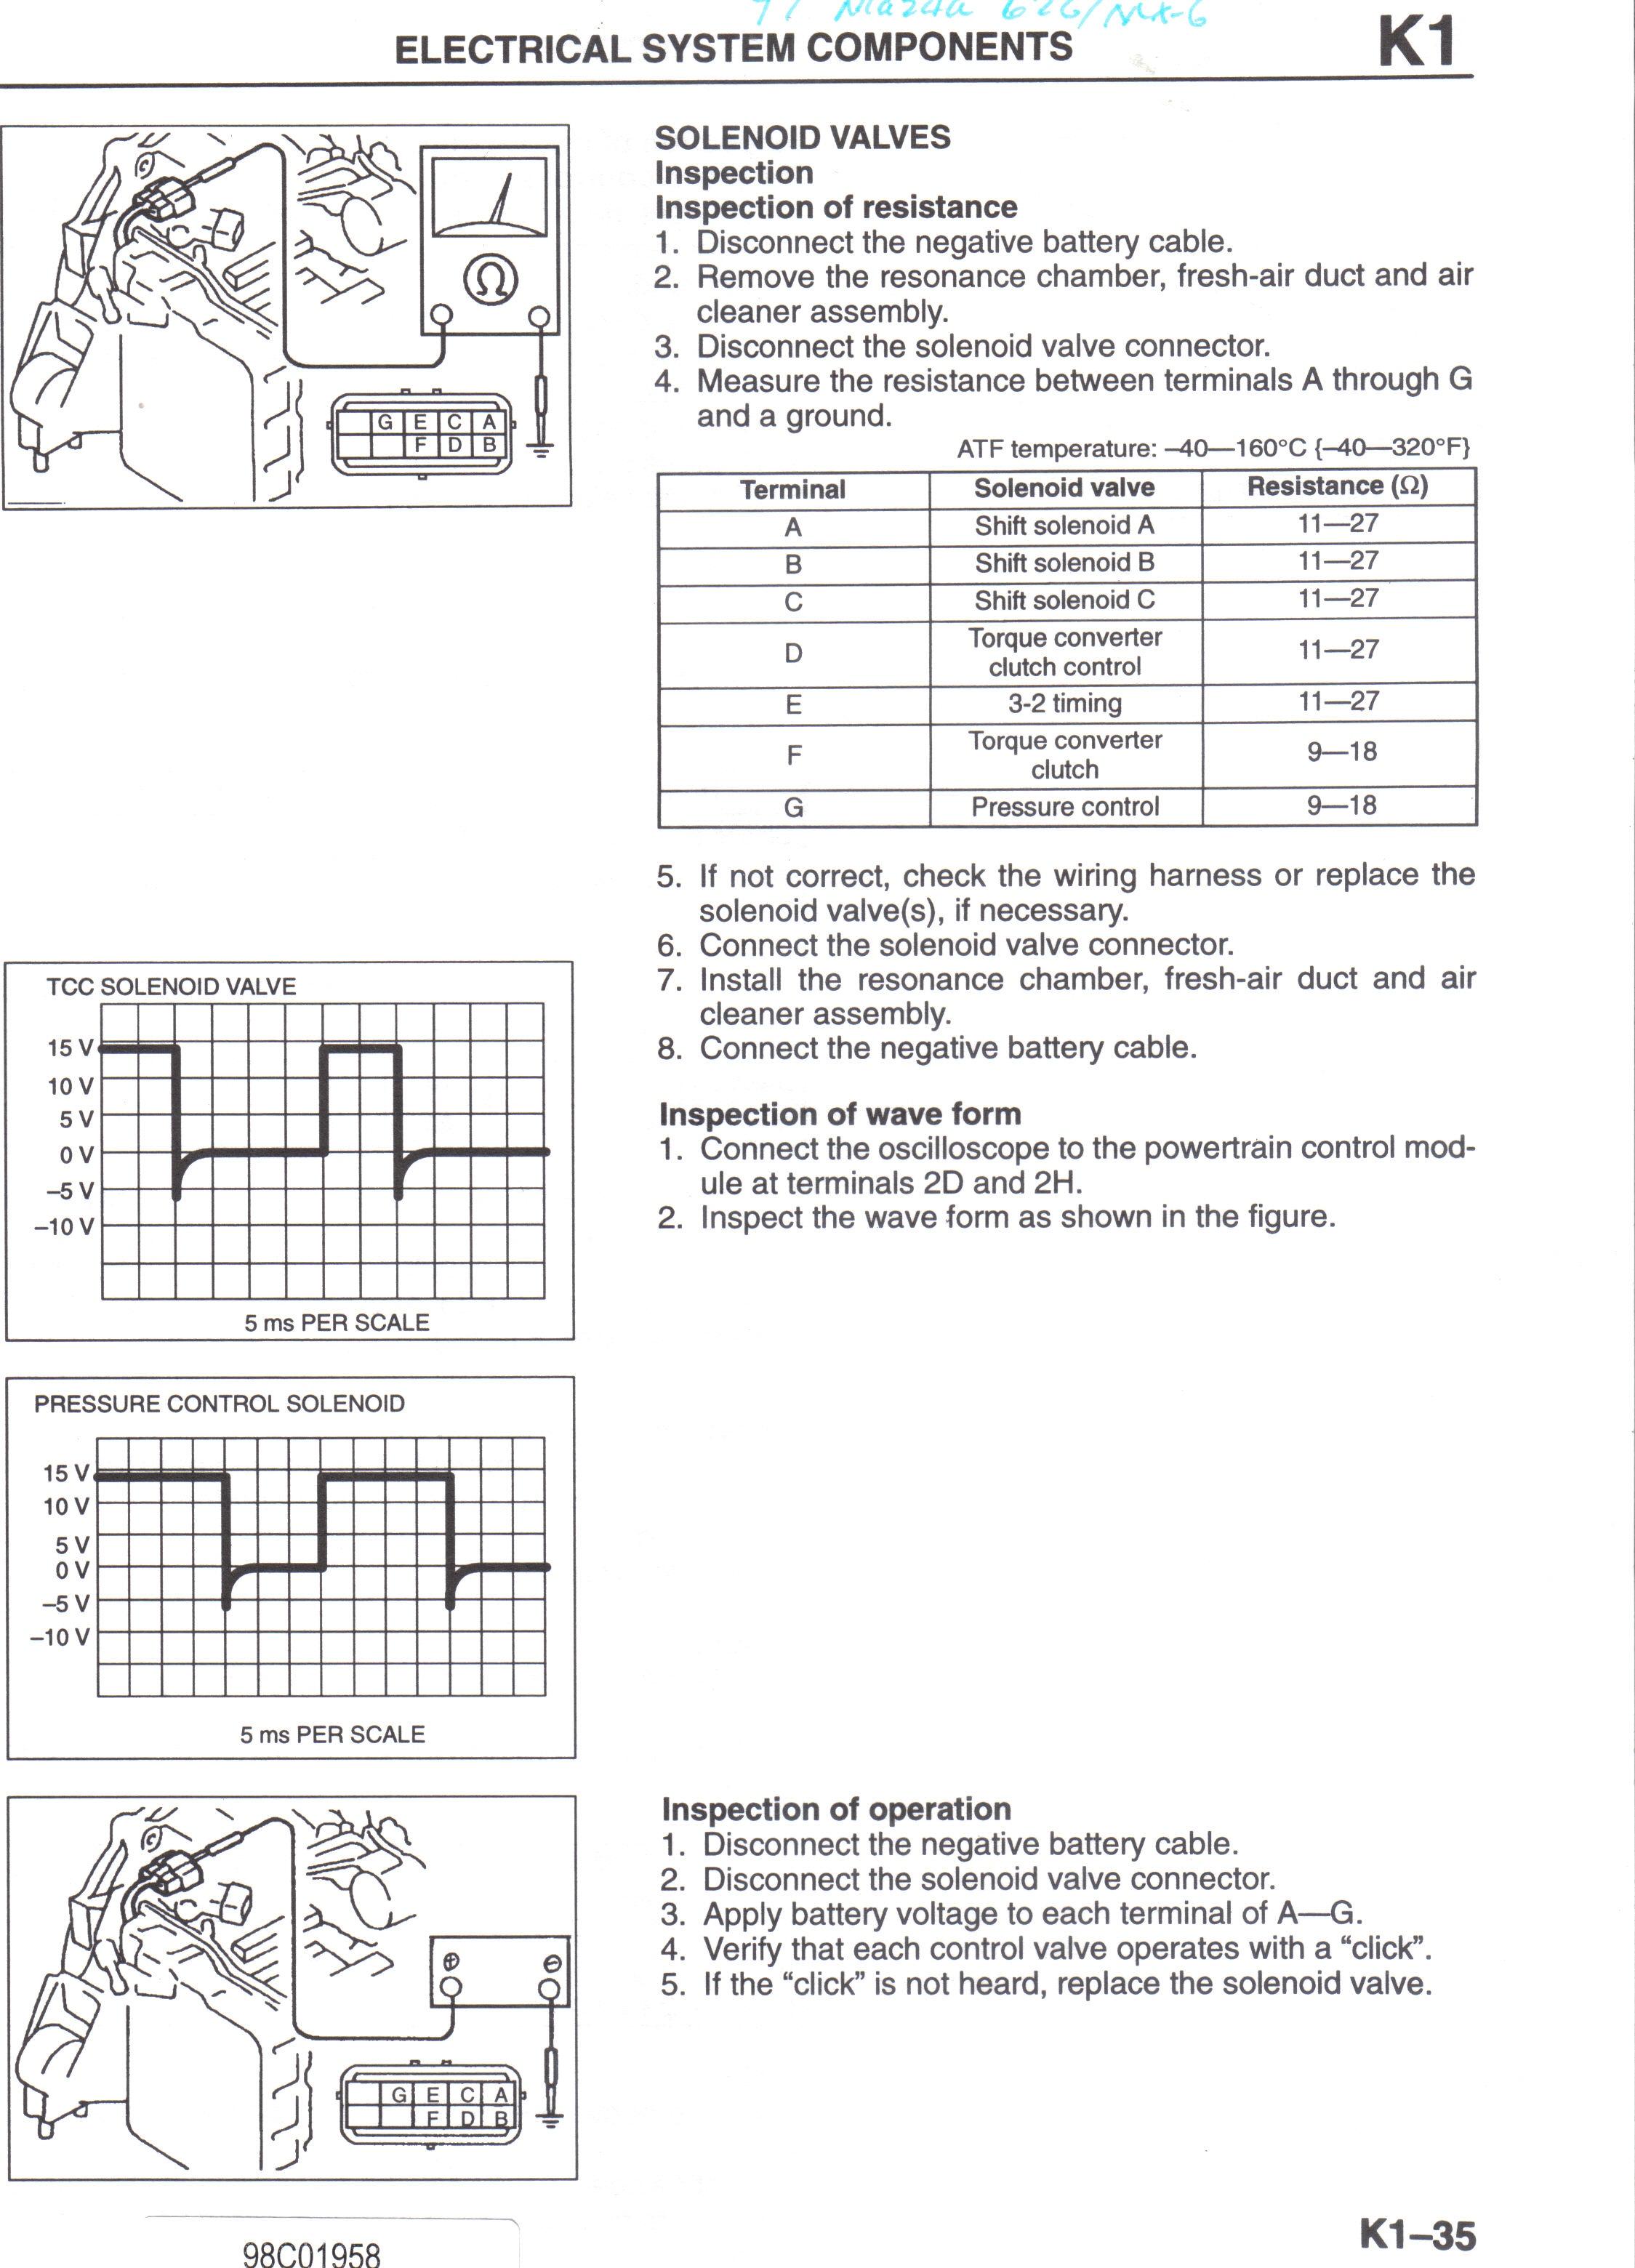 Us Mazda 626 Mx 6 Work Shop Manuals Scans 1997 Wsm 4af Wiring Harness K1 35 1329kb Aug 24 2014 060630 Am